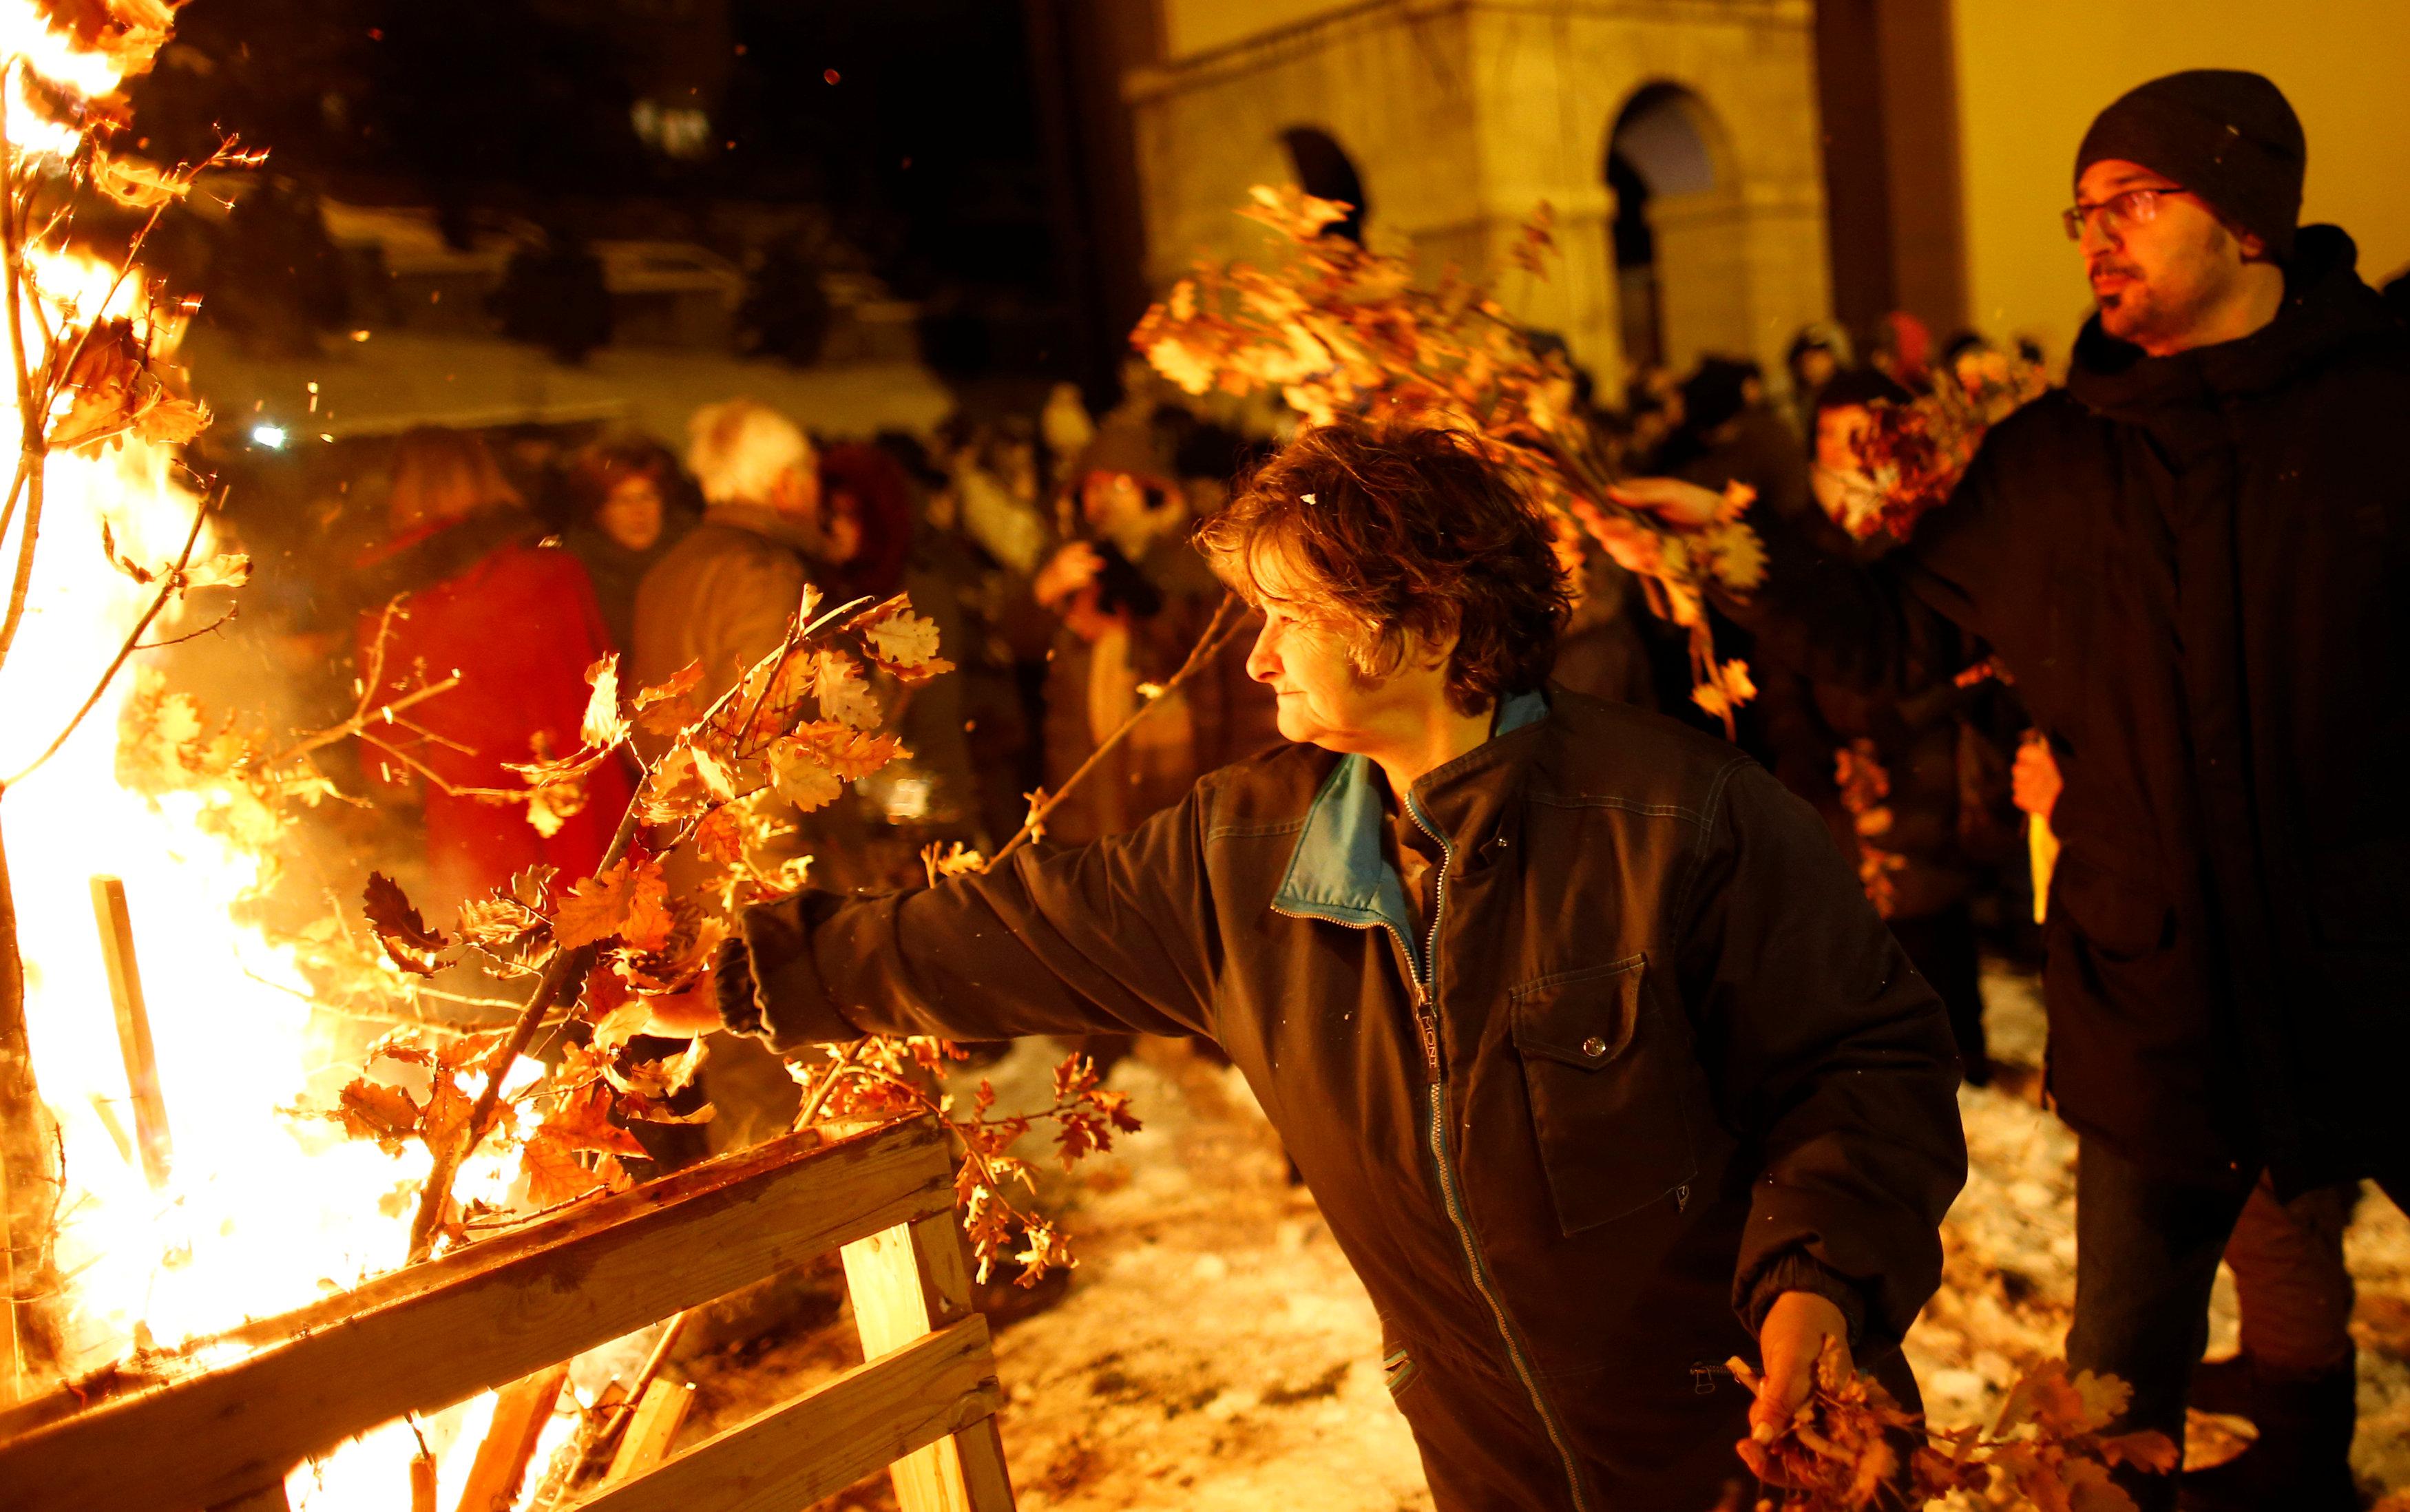 المصلون يقيمون الشعائر خلال القداس فى البوسنة